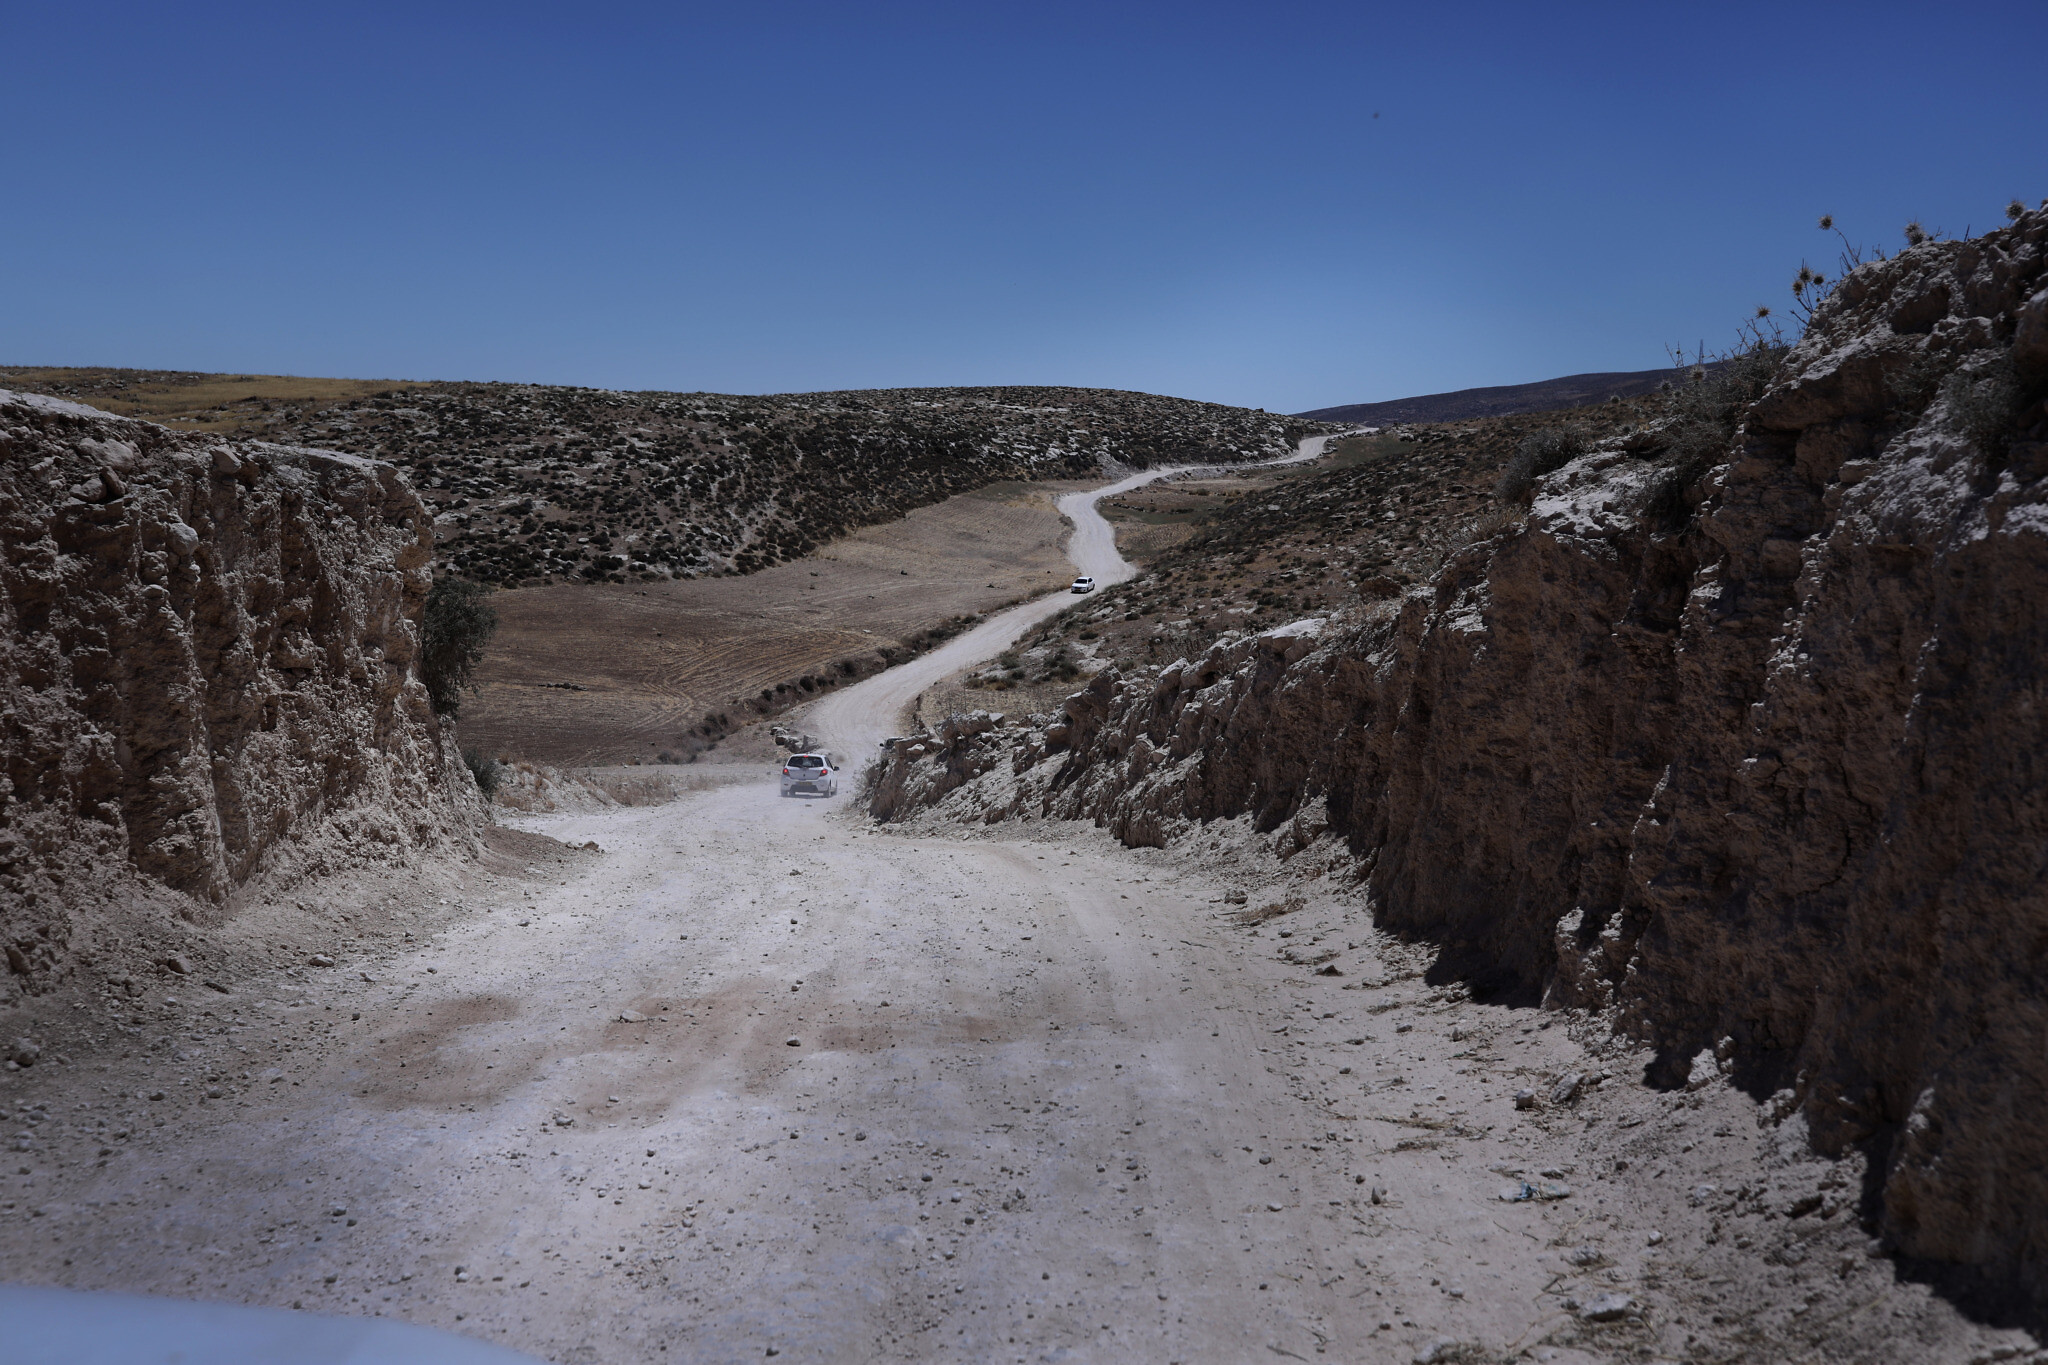 הדרך לחרבת ג'ינבה לפני שנהרסה על ידי הצבא, ביולי 2020 (צילום: אלדד רפאלי)